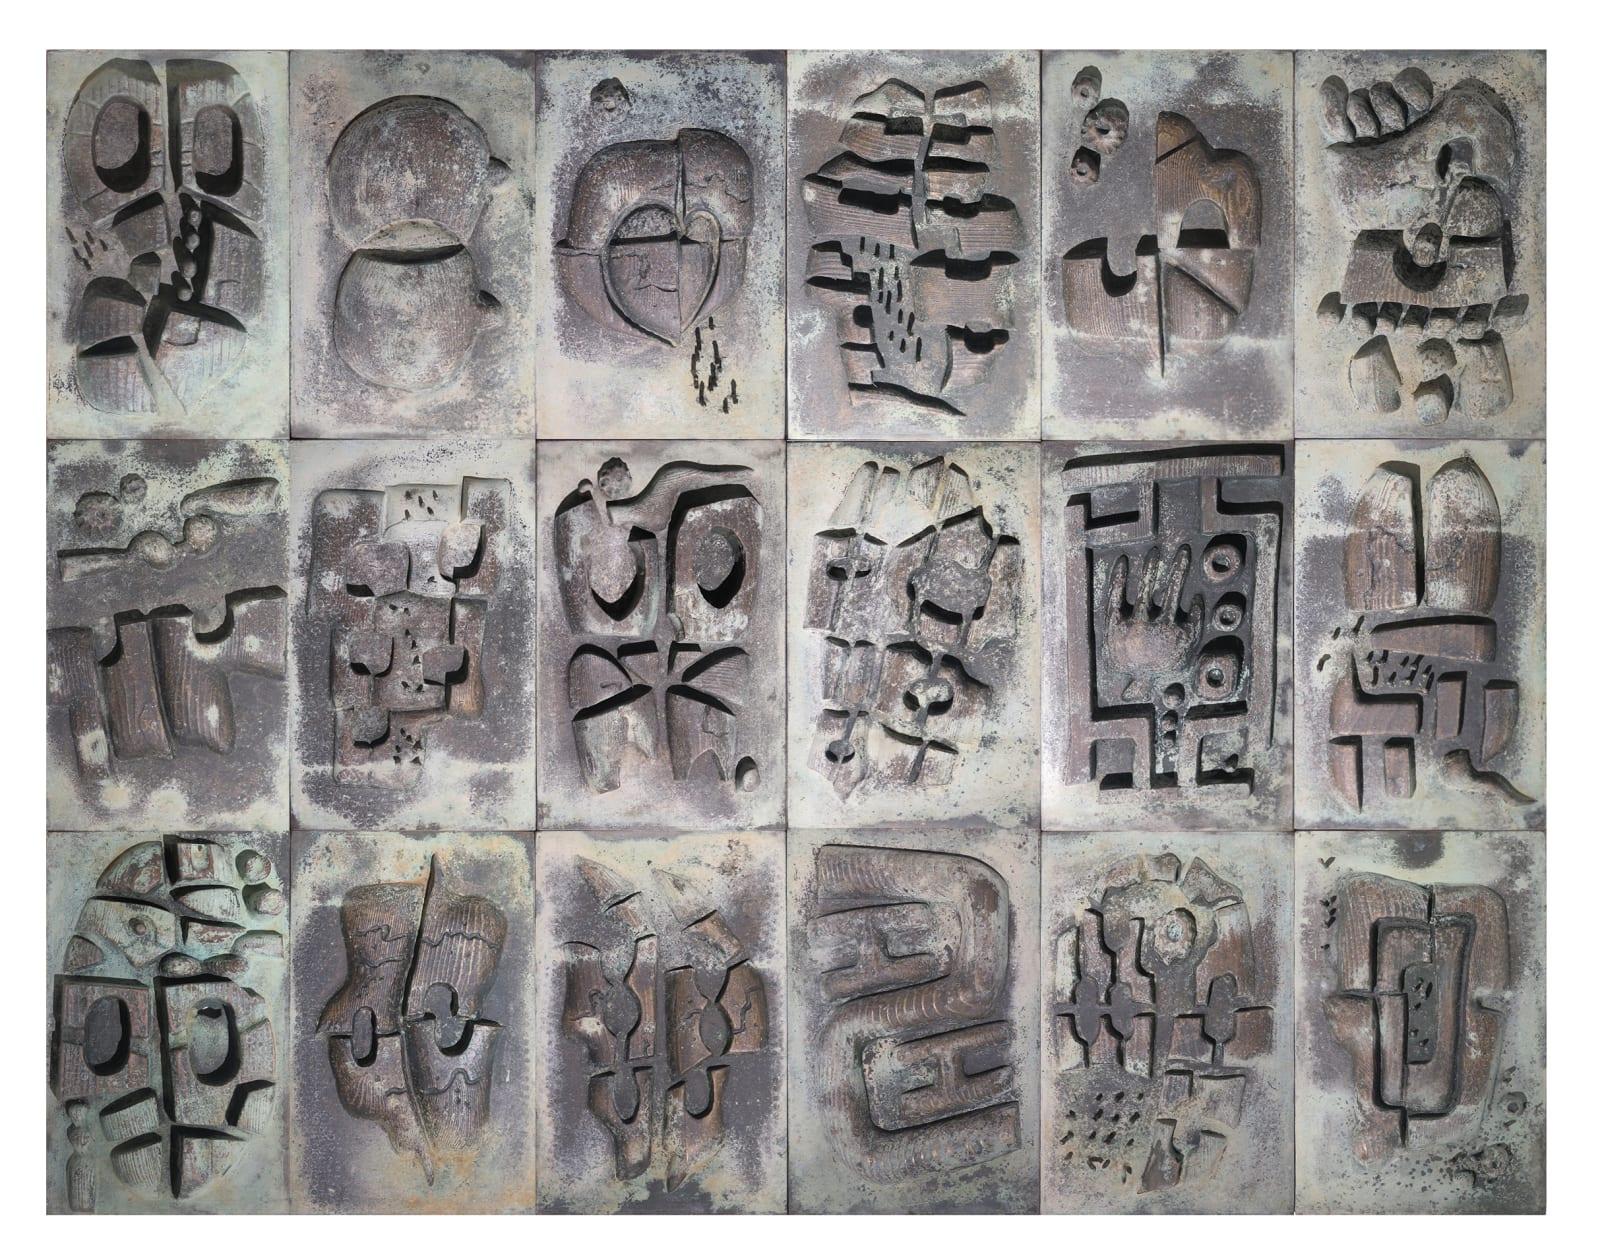 Cheung Yee 張義, Tablet 銘, 1980